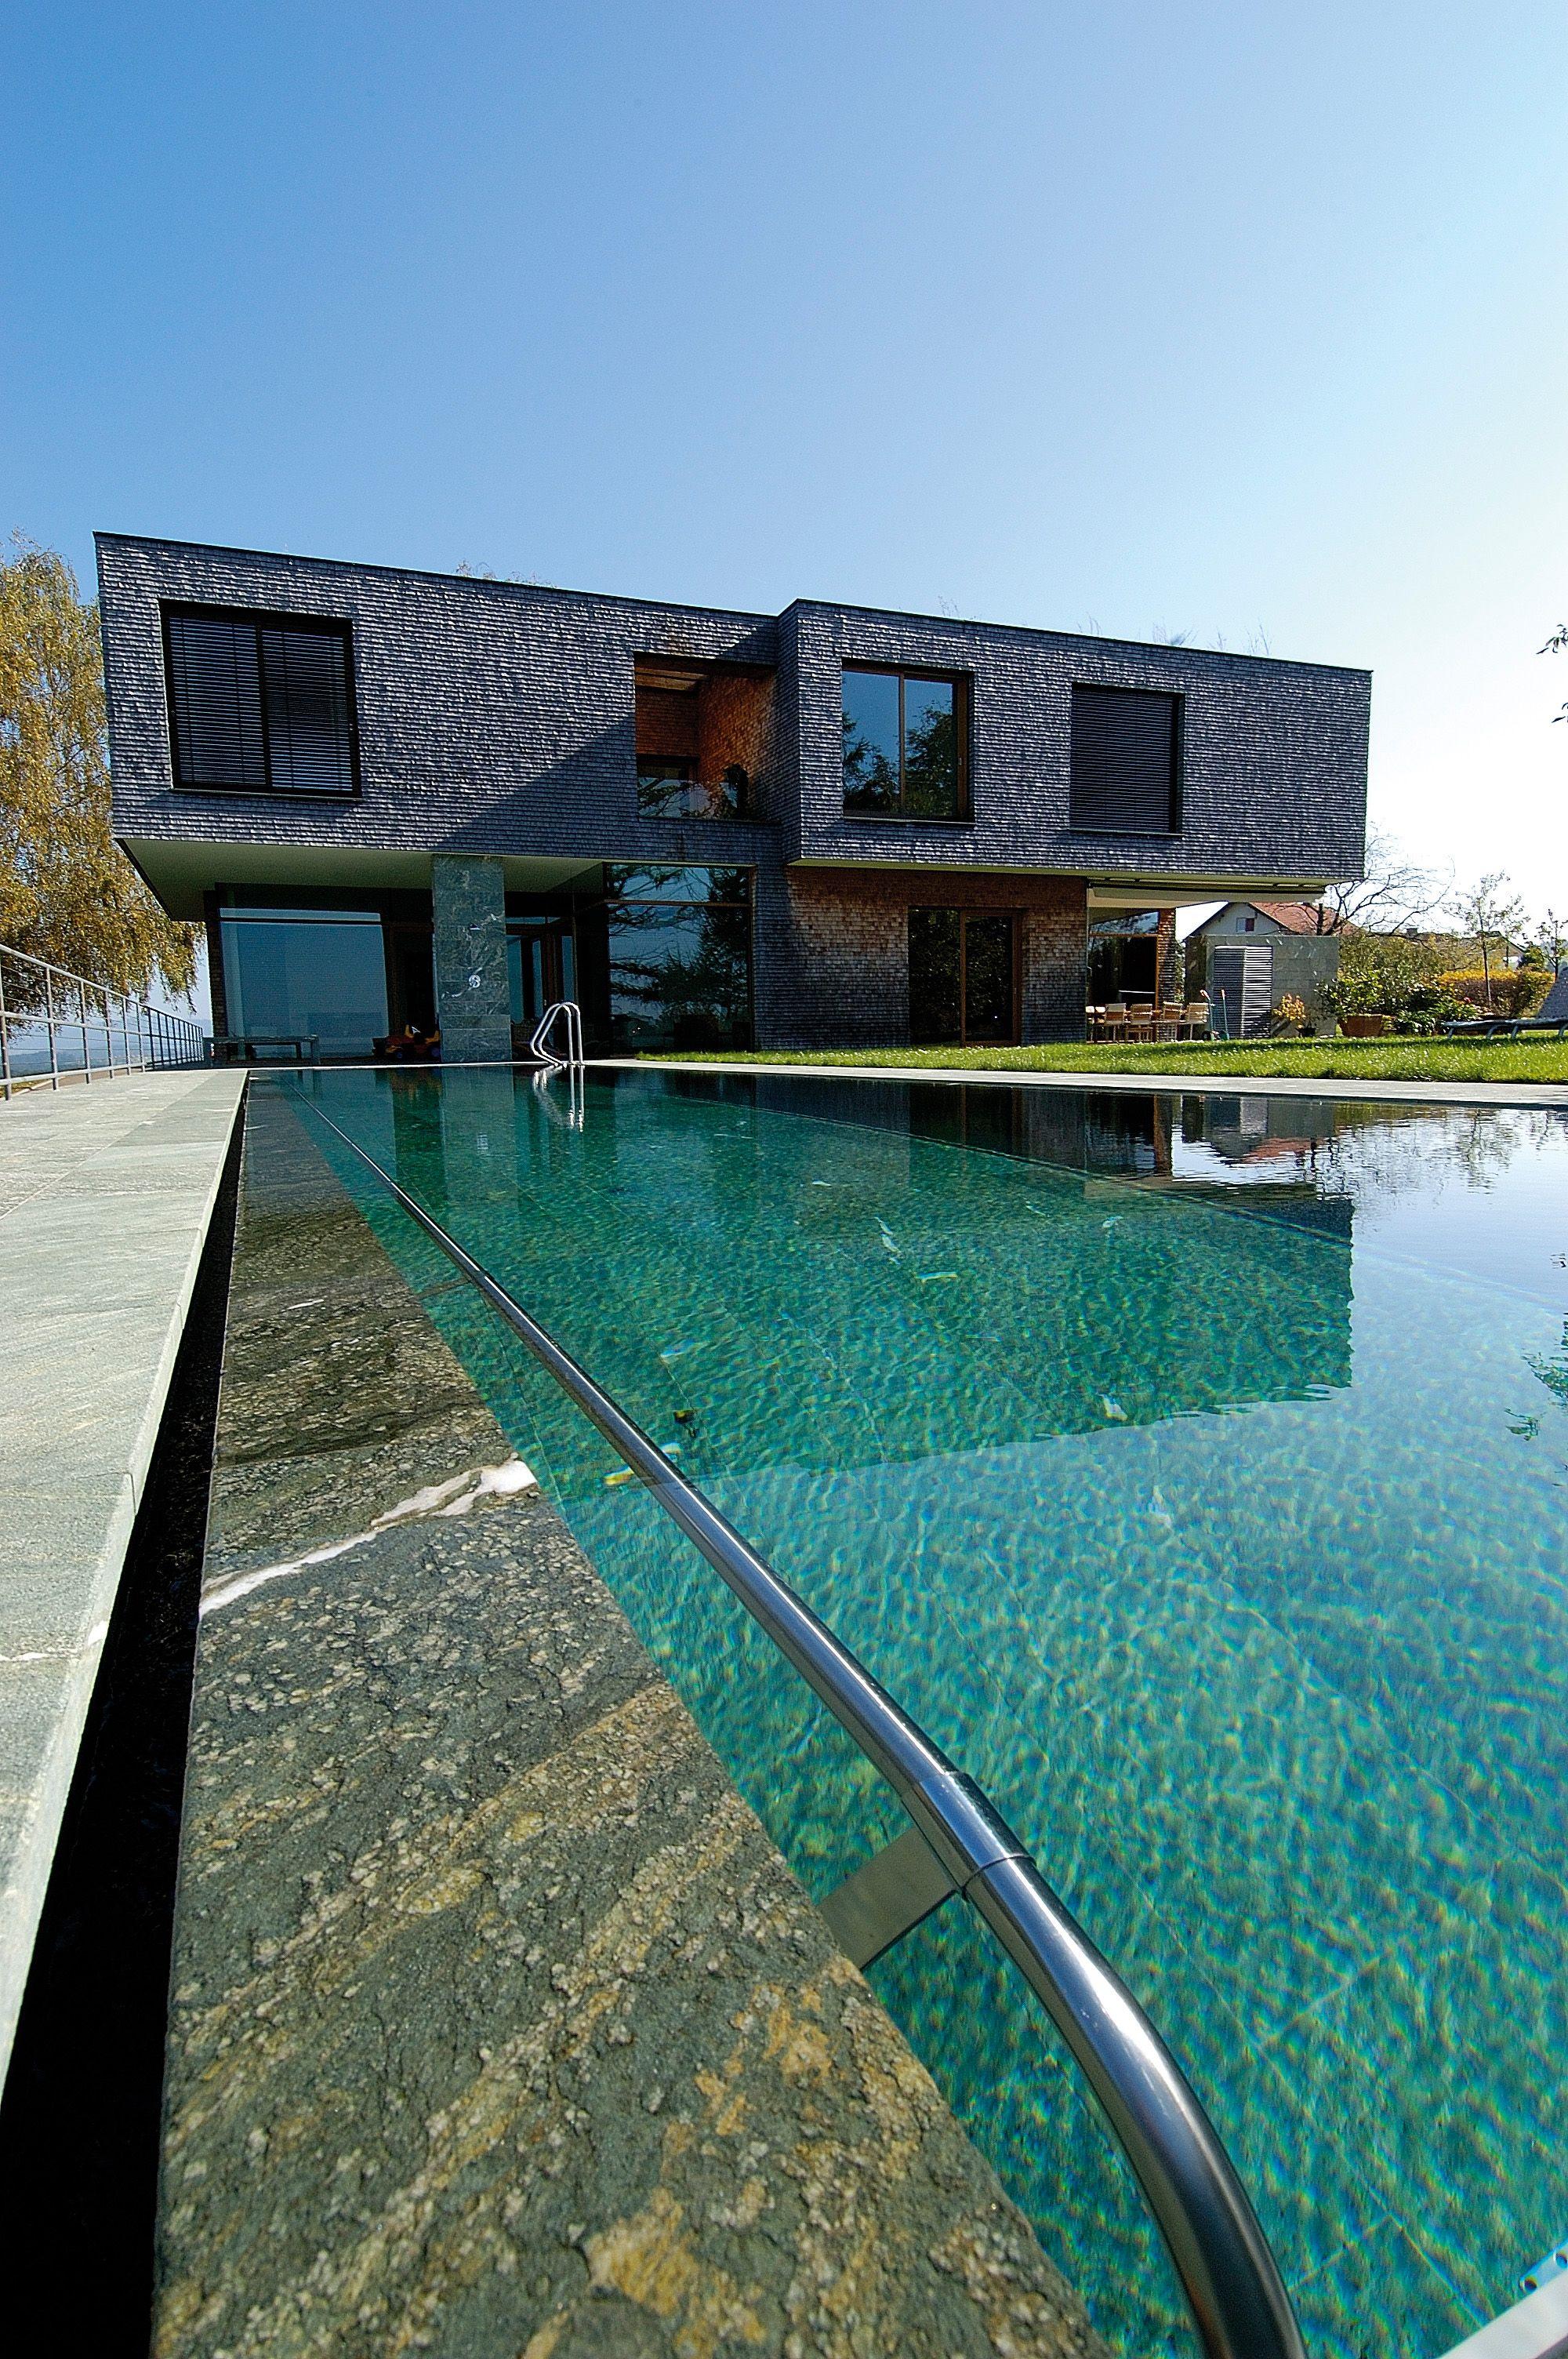 schwimmbad bauen in heidelberg schwimmbadbau in. Black Bedroom Furniture Sets. Home Design Ideas